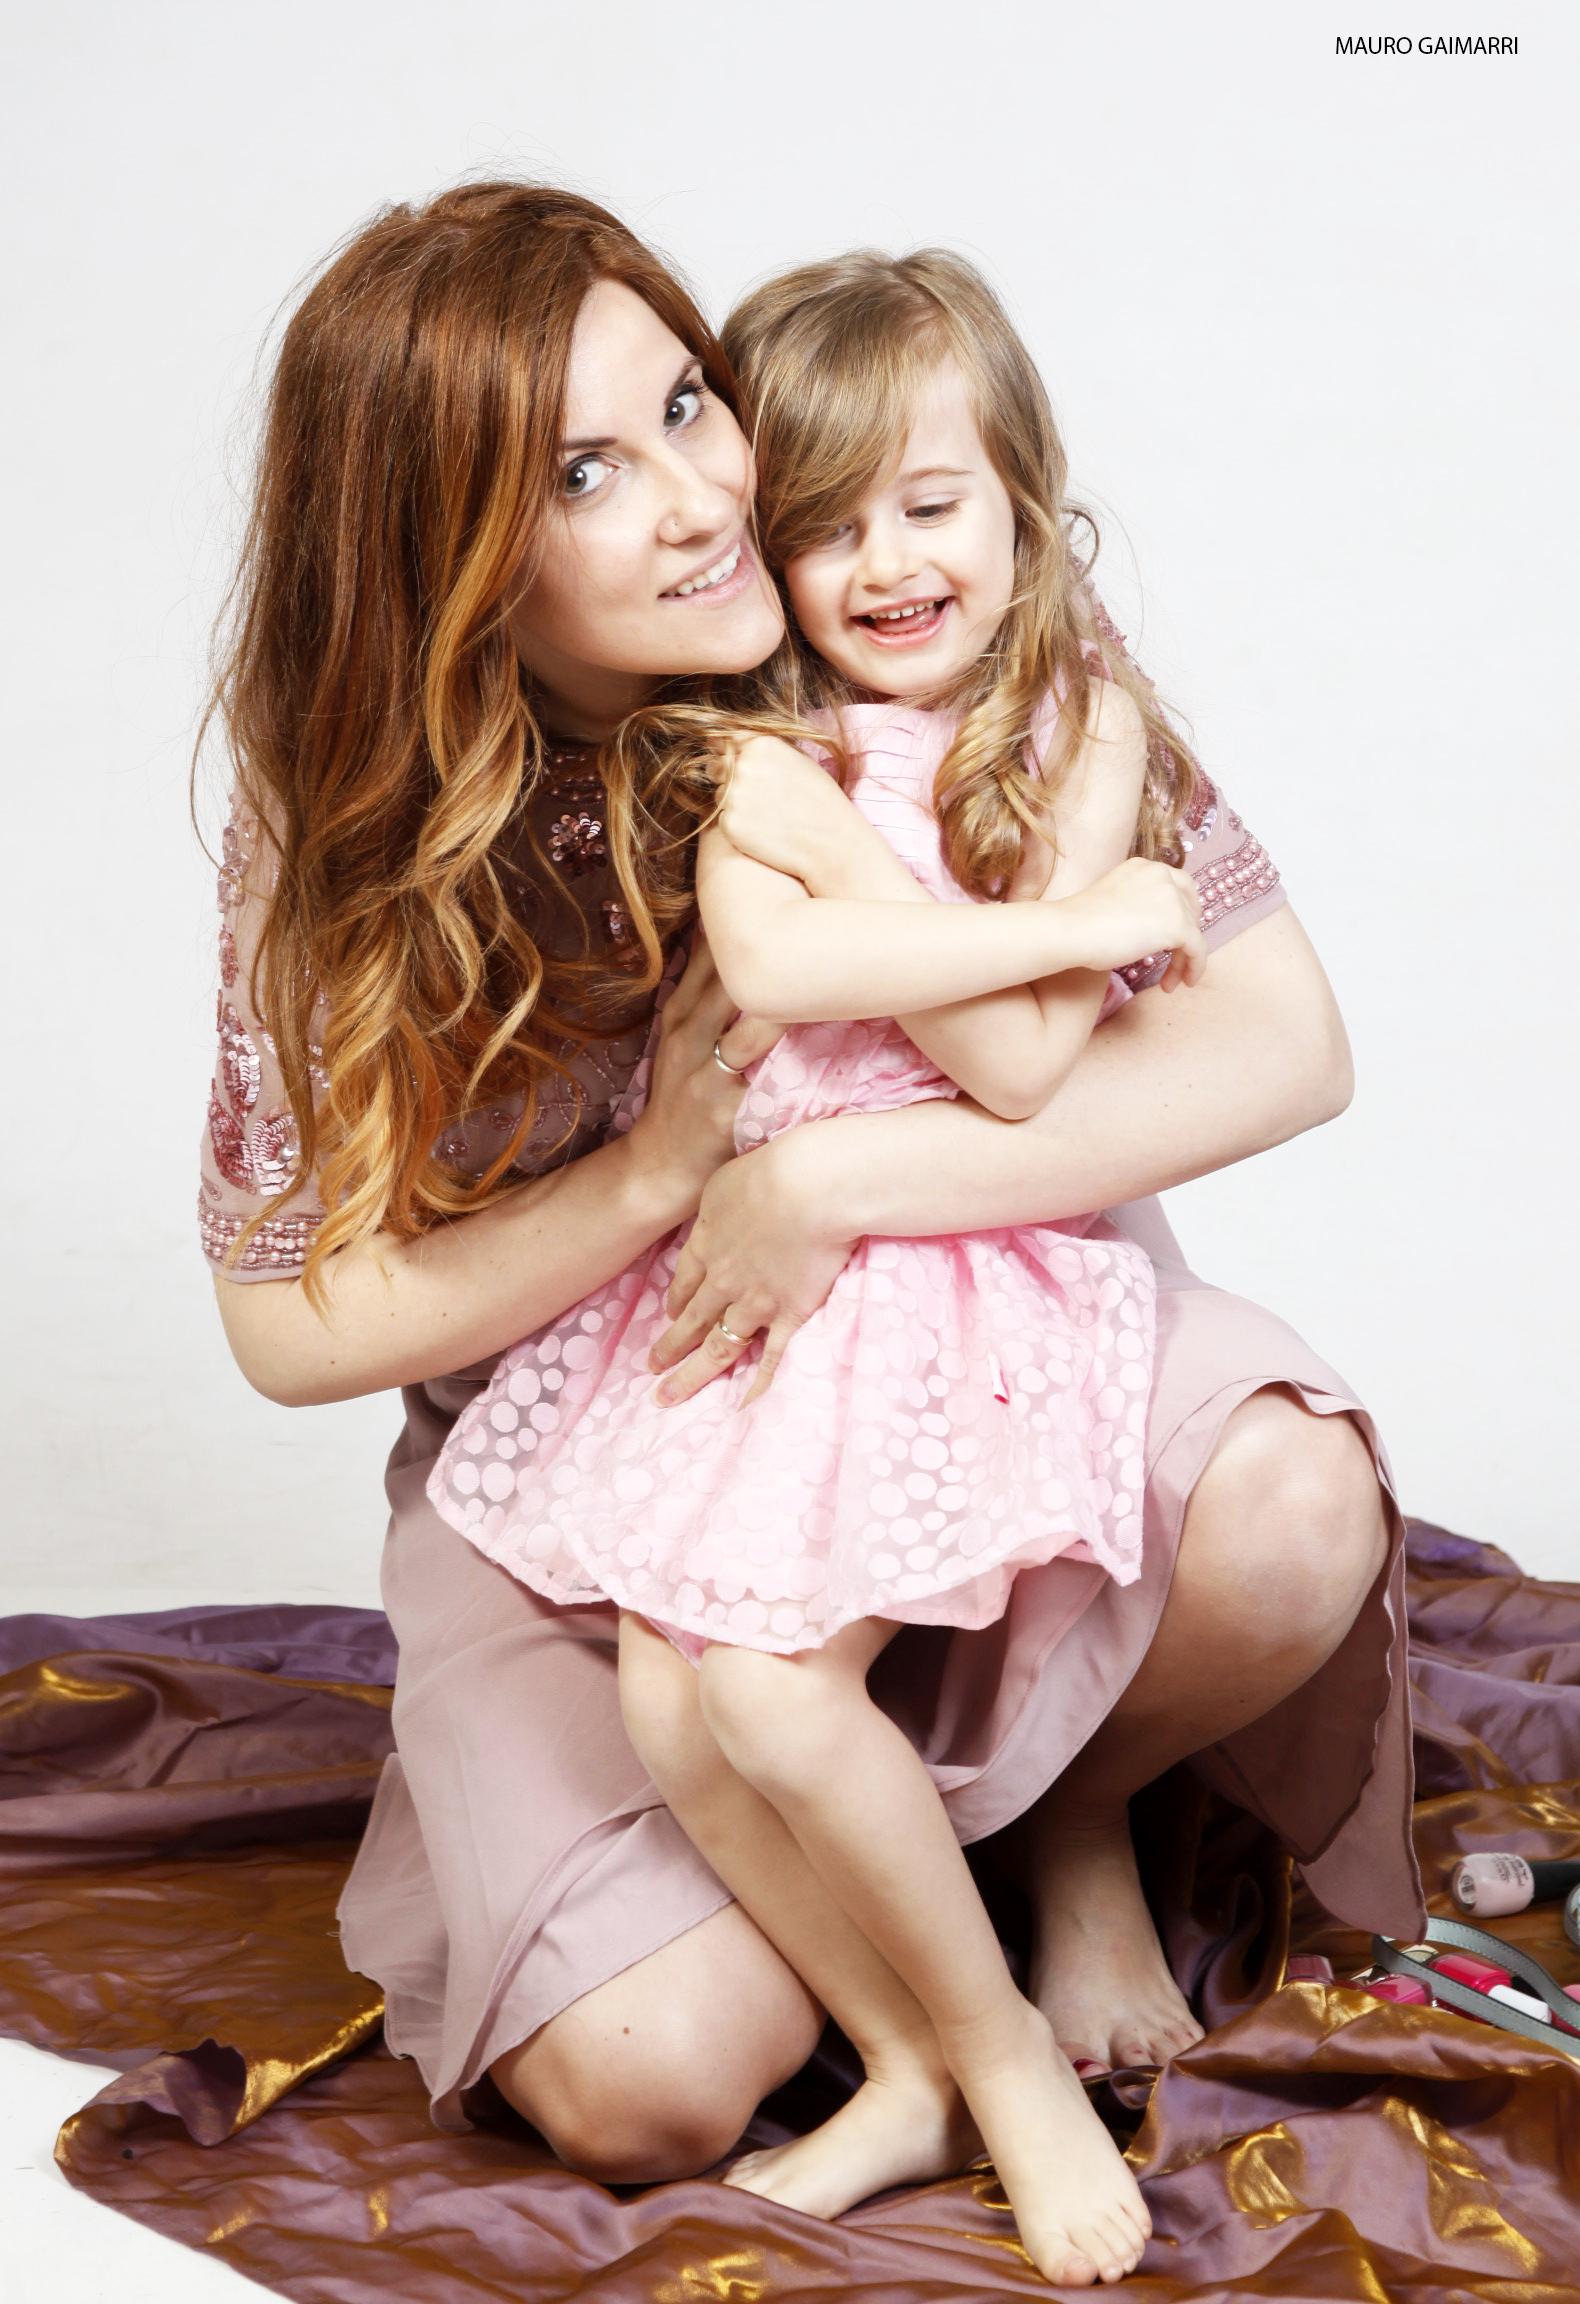 elisabetta bertolini gaia masseroni abito rosa confetto moda mamma e figlia